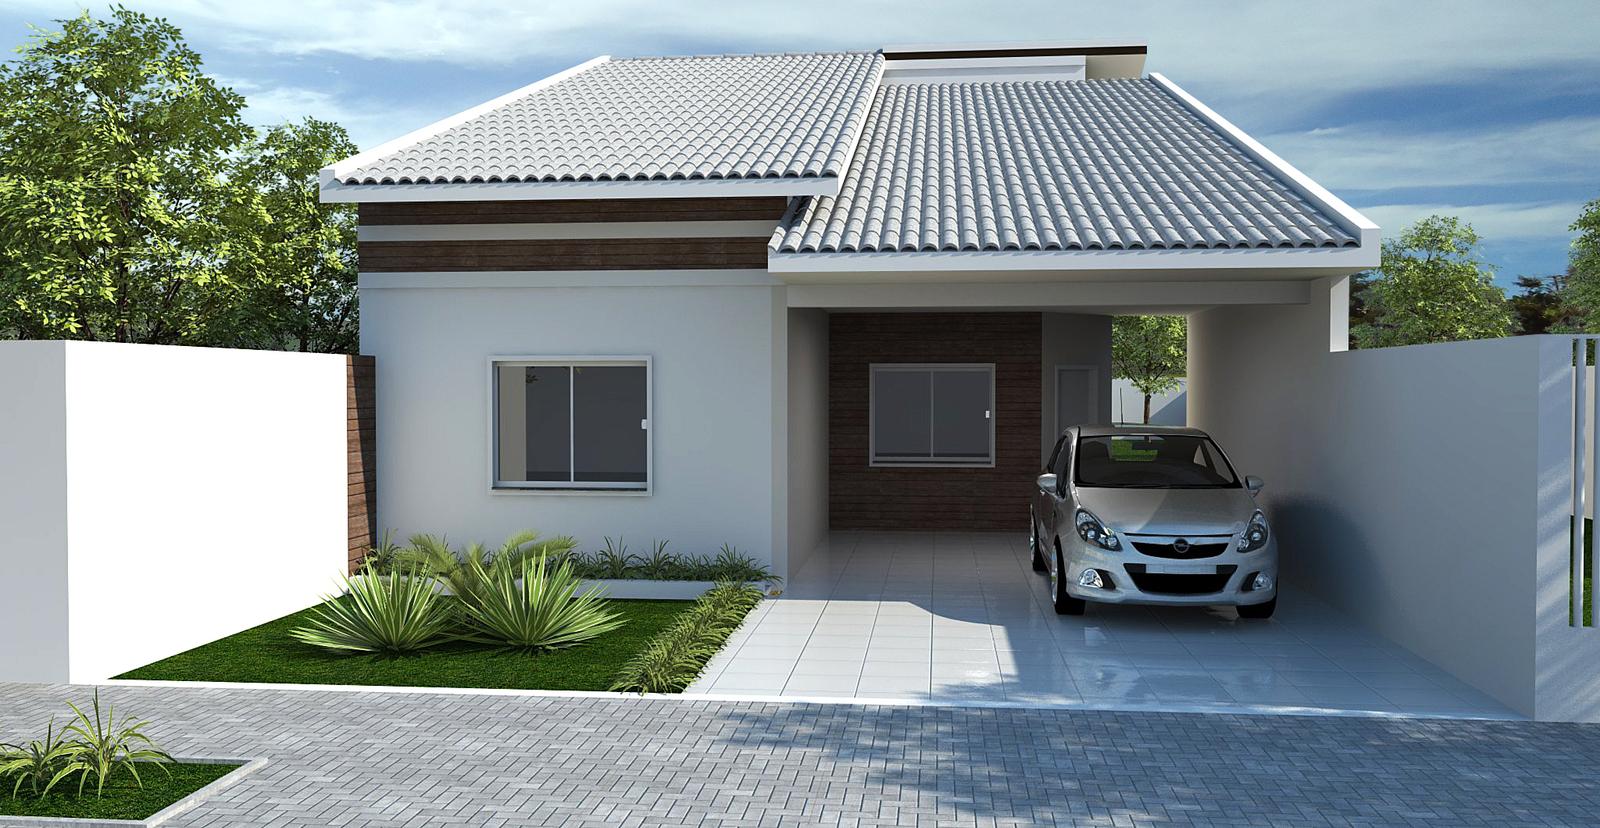 Fachadas de casas pequenas e simples 11 modelos for Modelos de fachadas modernas